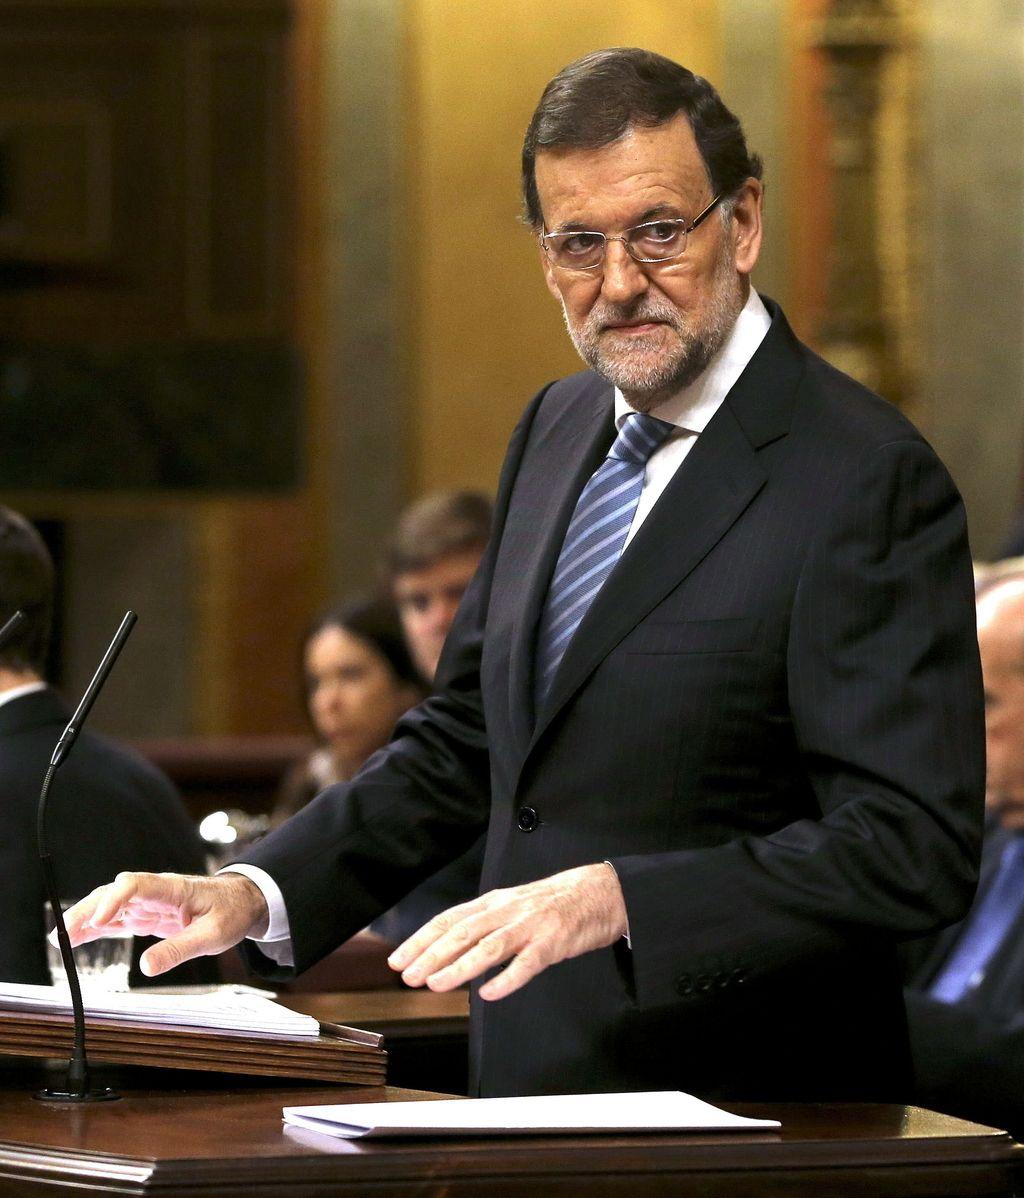 El presidente del Gobierno, Mariano Rajoy, en el pleno sobre corrupción en el Congreso